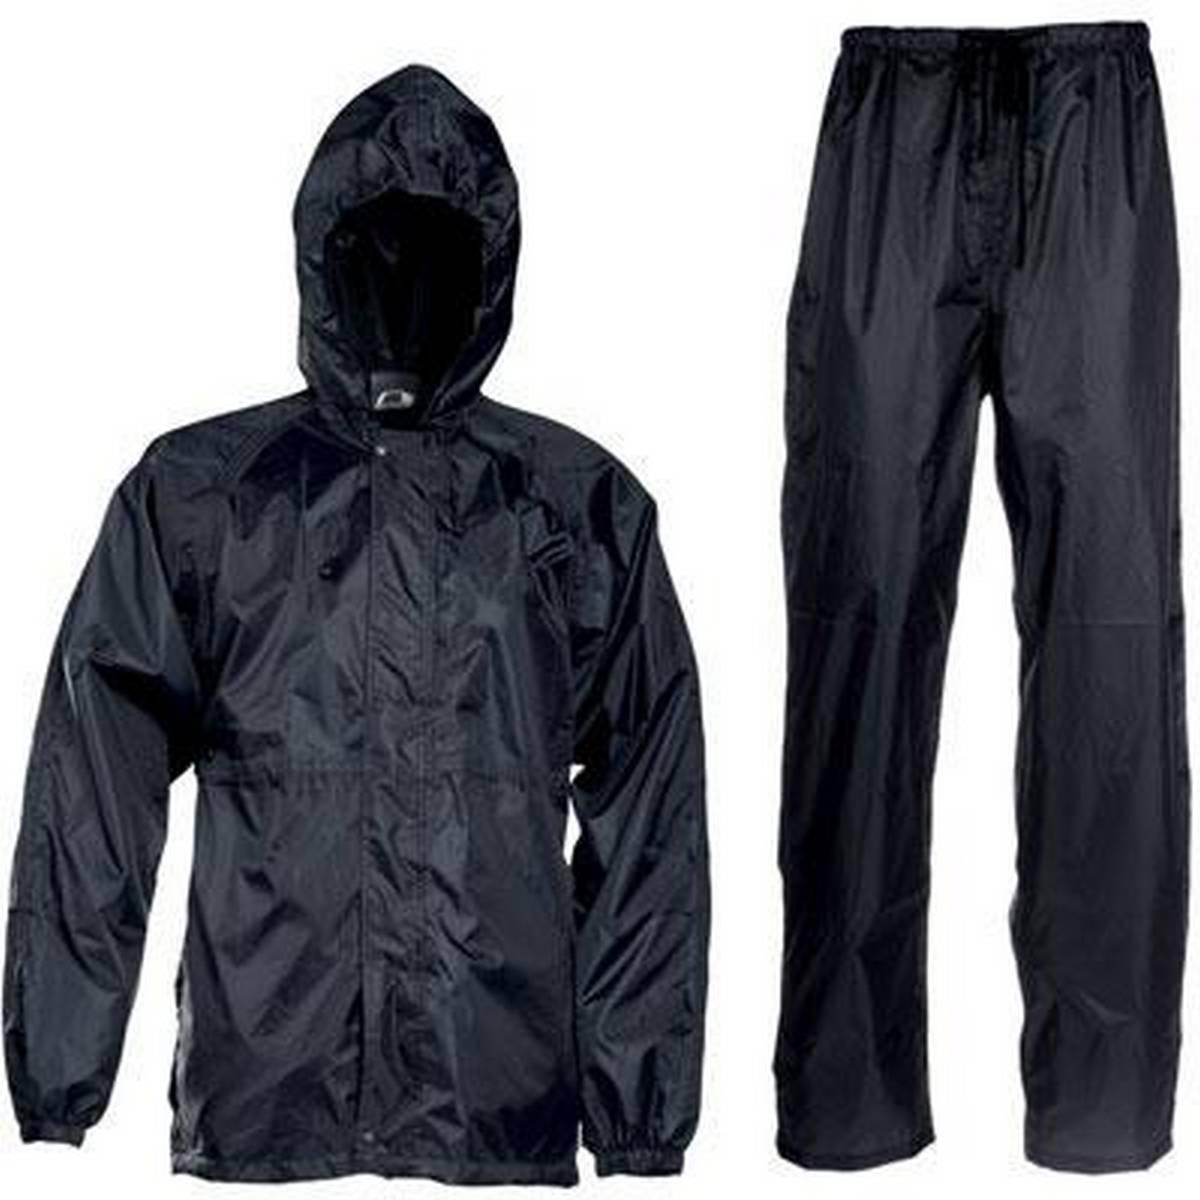 Rain Coat Waterproof Jacket Or Suit For Bike Ride Or Outdoor Activities Blue Black